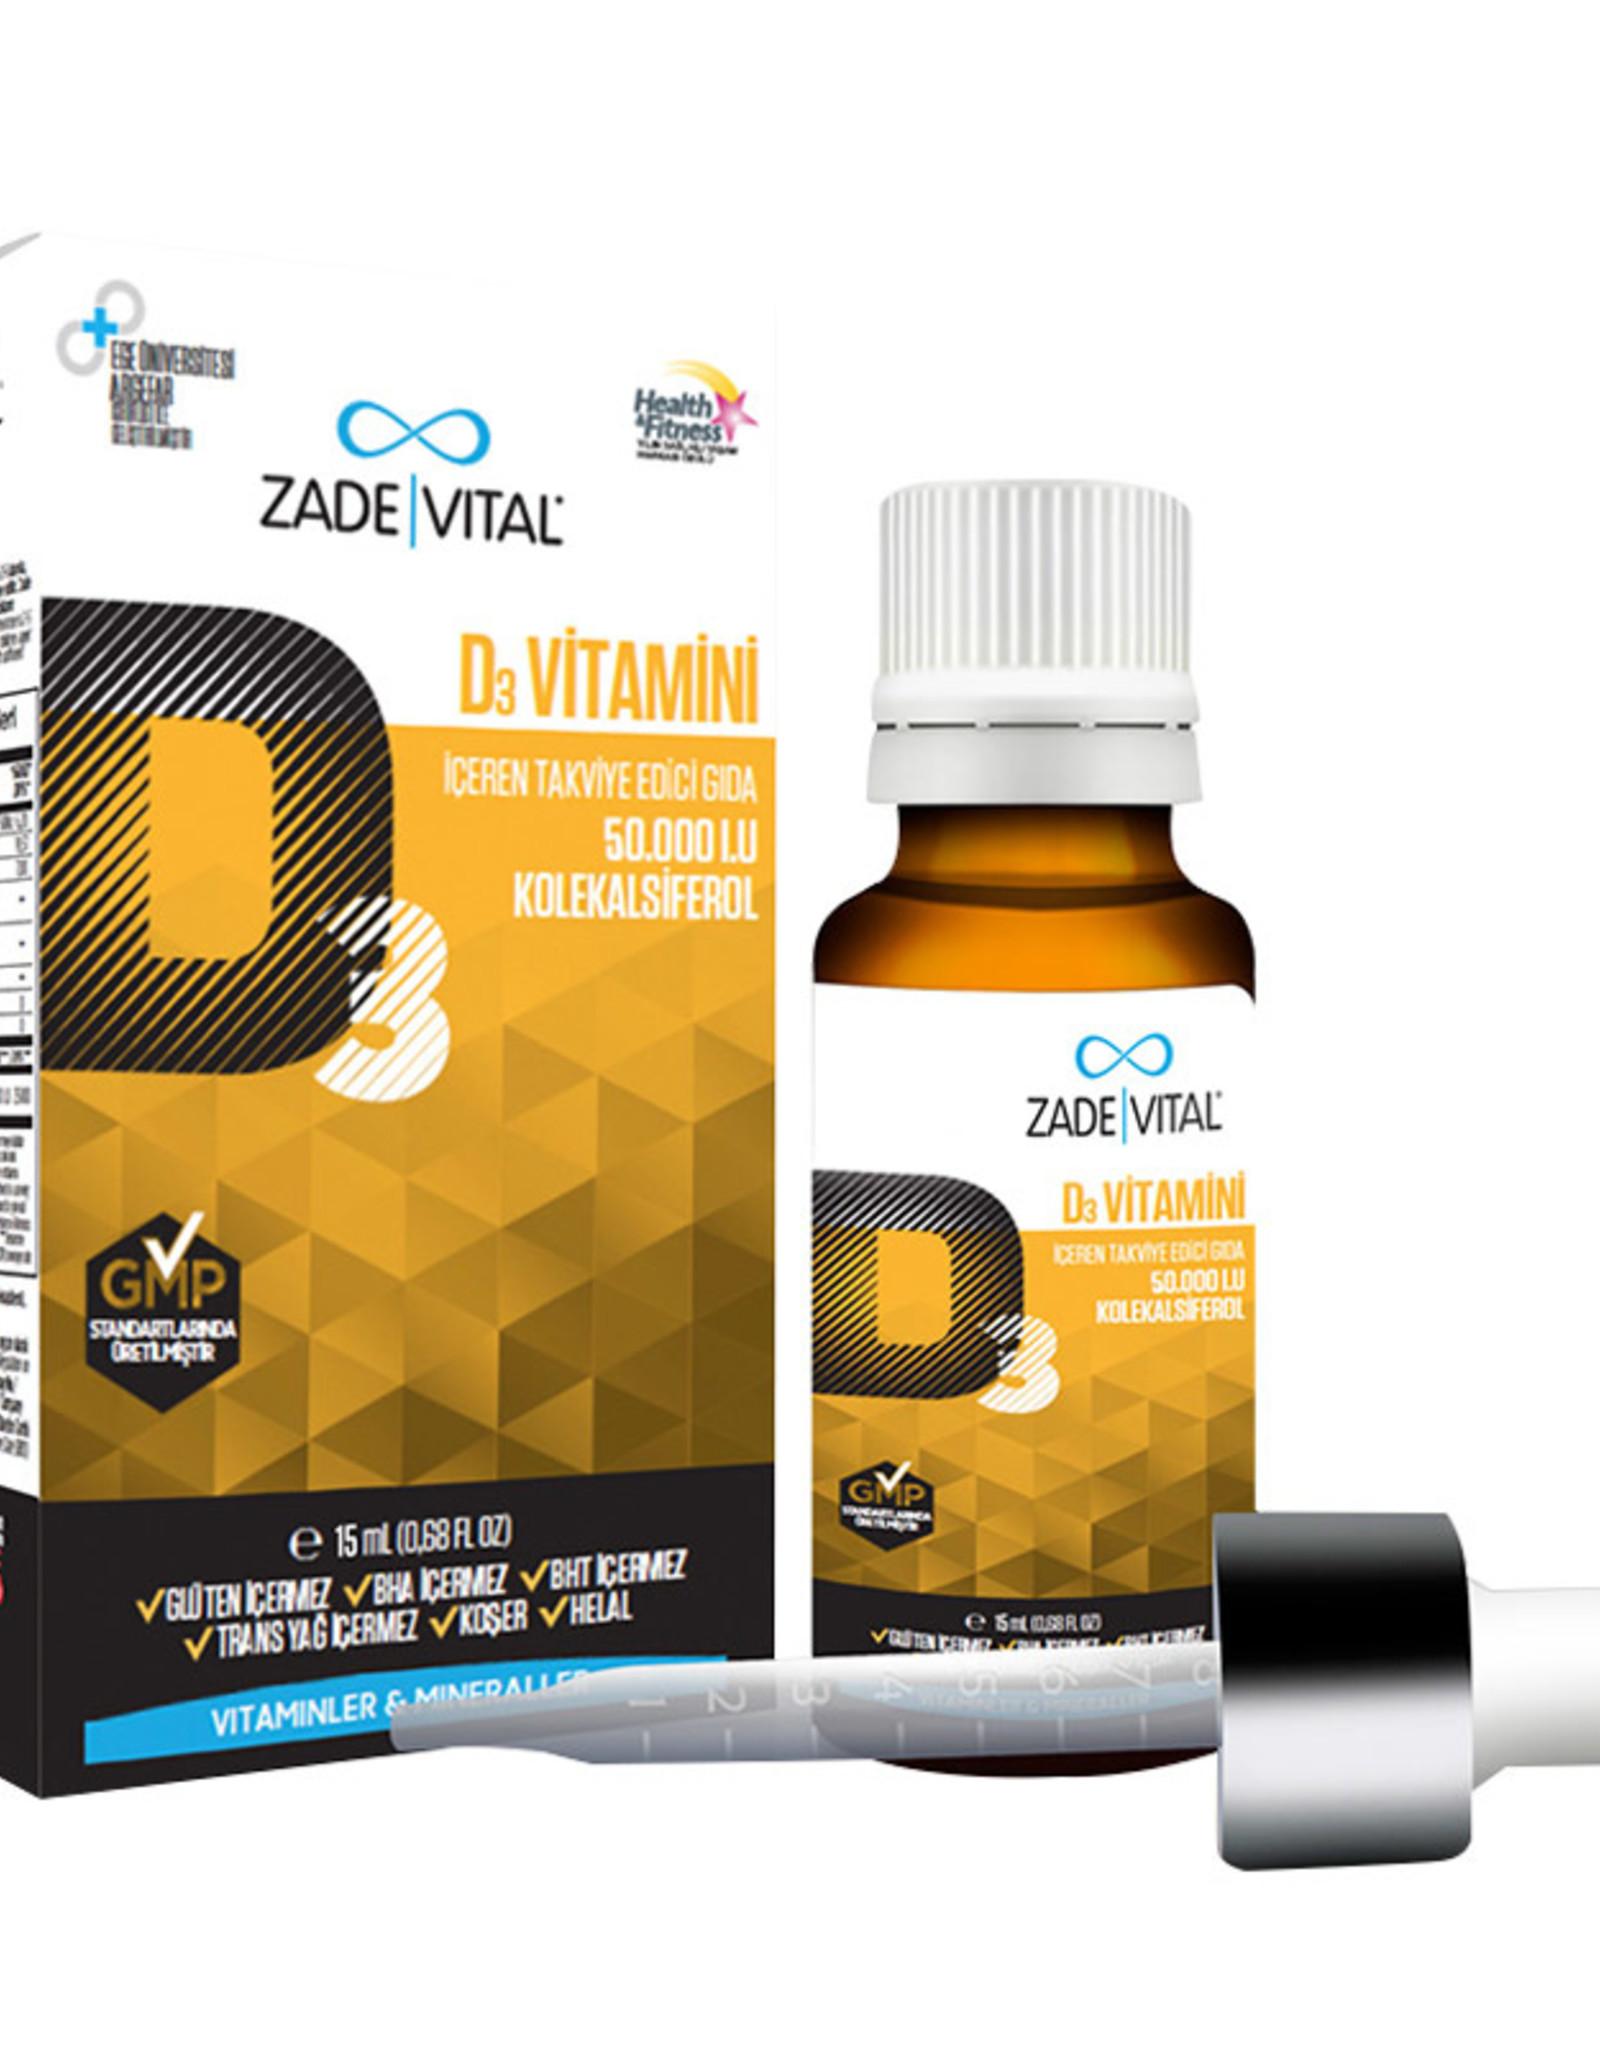 Zade Vital Zade Vital Vitamin D3 Damla 15ml (Çoçuklar ve Yetişkinler için)